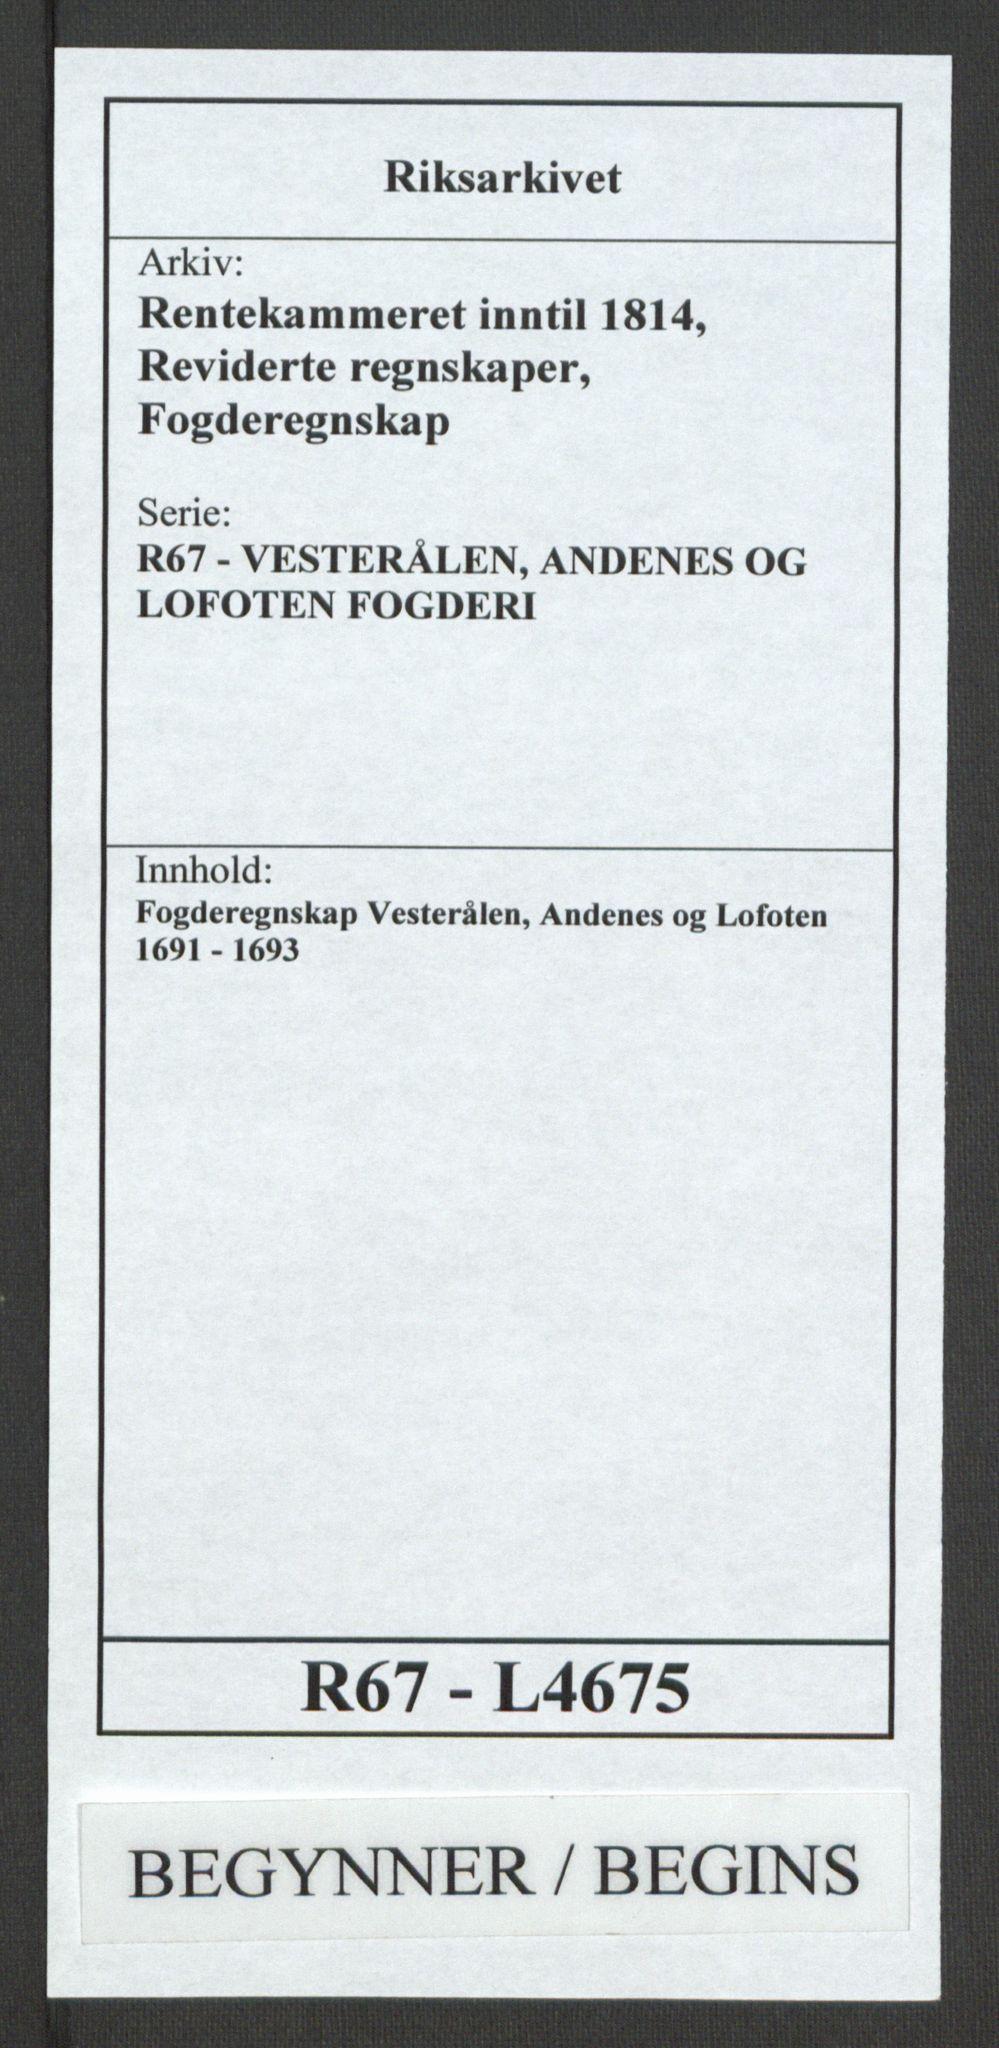 RA, Rentekammeret inntil 1814, Reviderte regnskaper, Fogderegnskap, R67/L4675: Fogderegnskap Vesterålen, Andenes og Lofoten, 1691-1693, s. 1